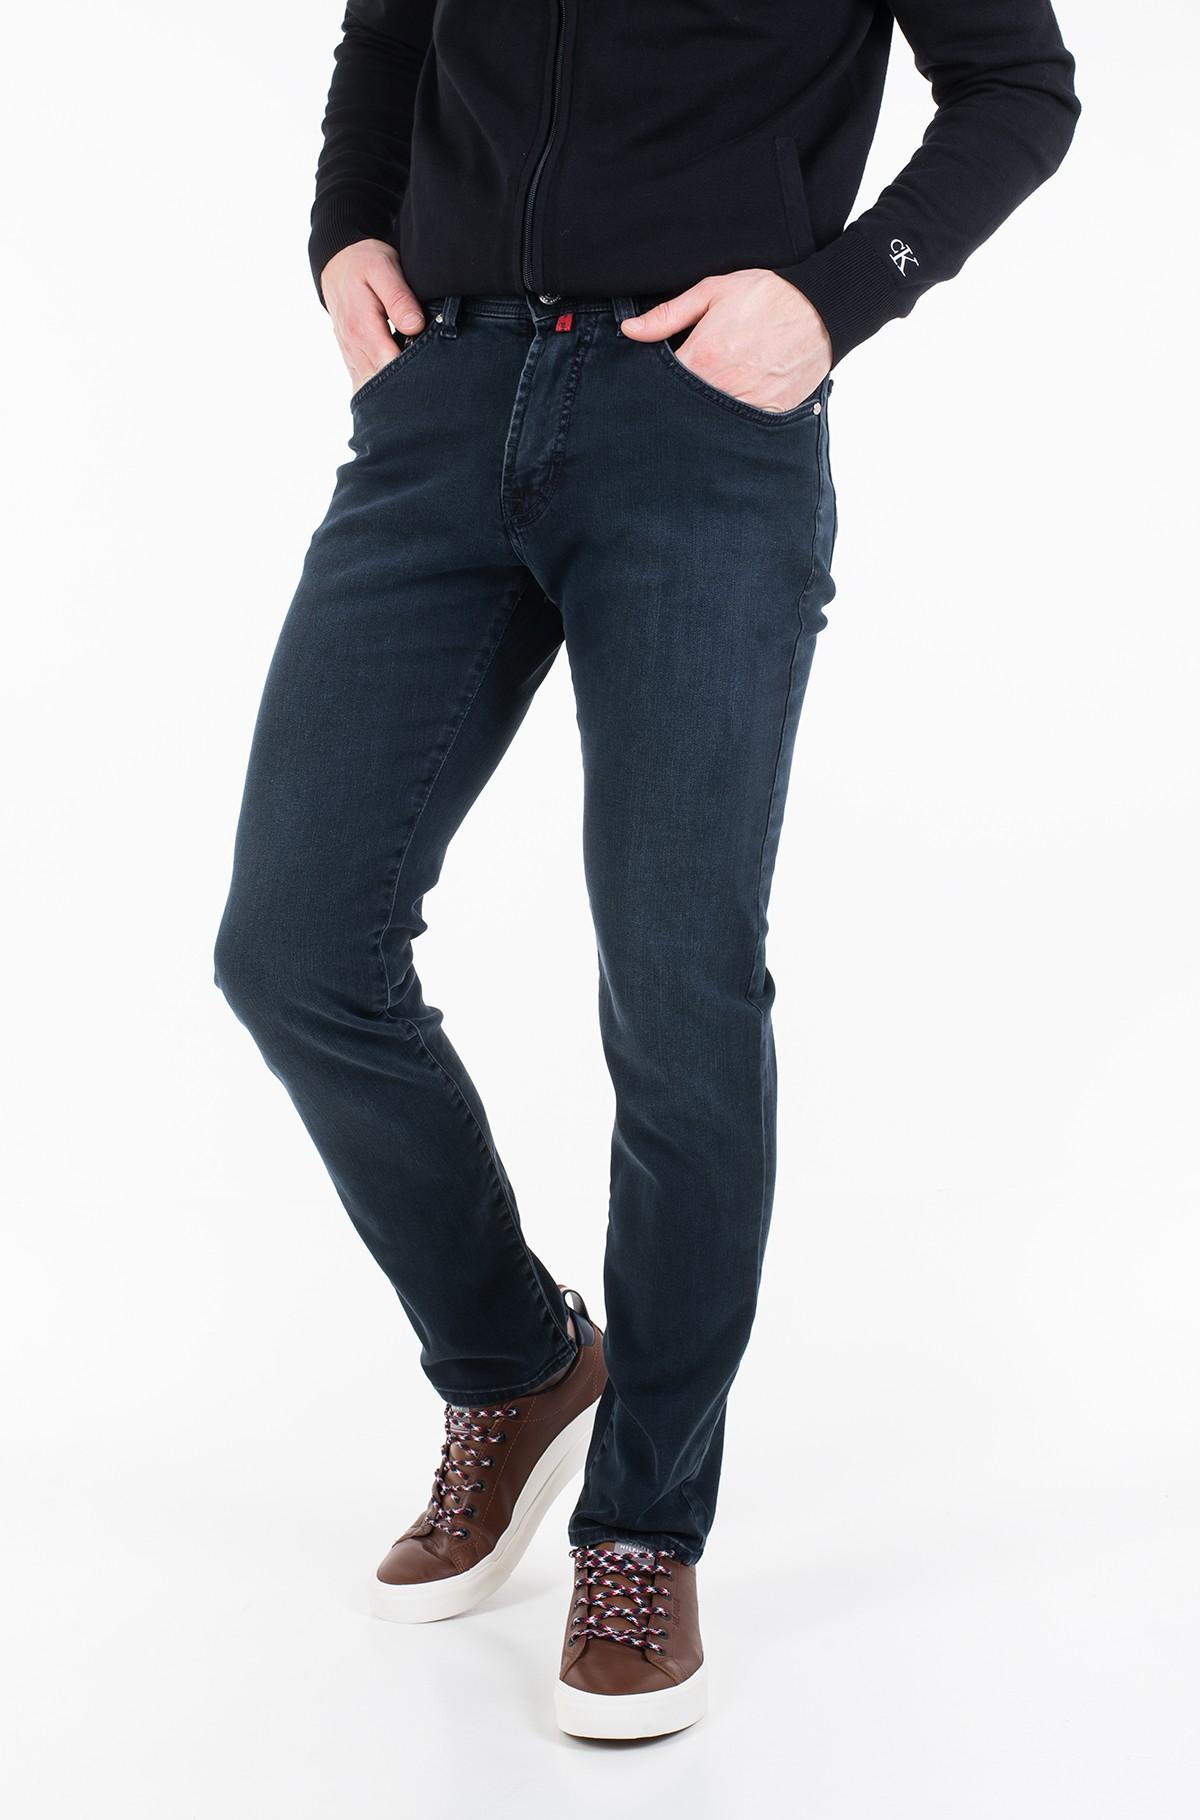 Jeans 31961-full-1